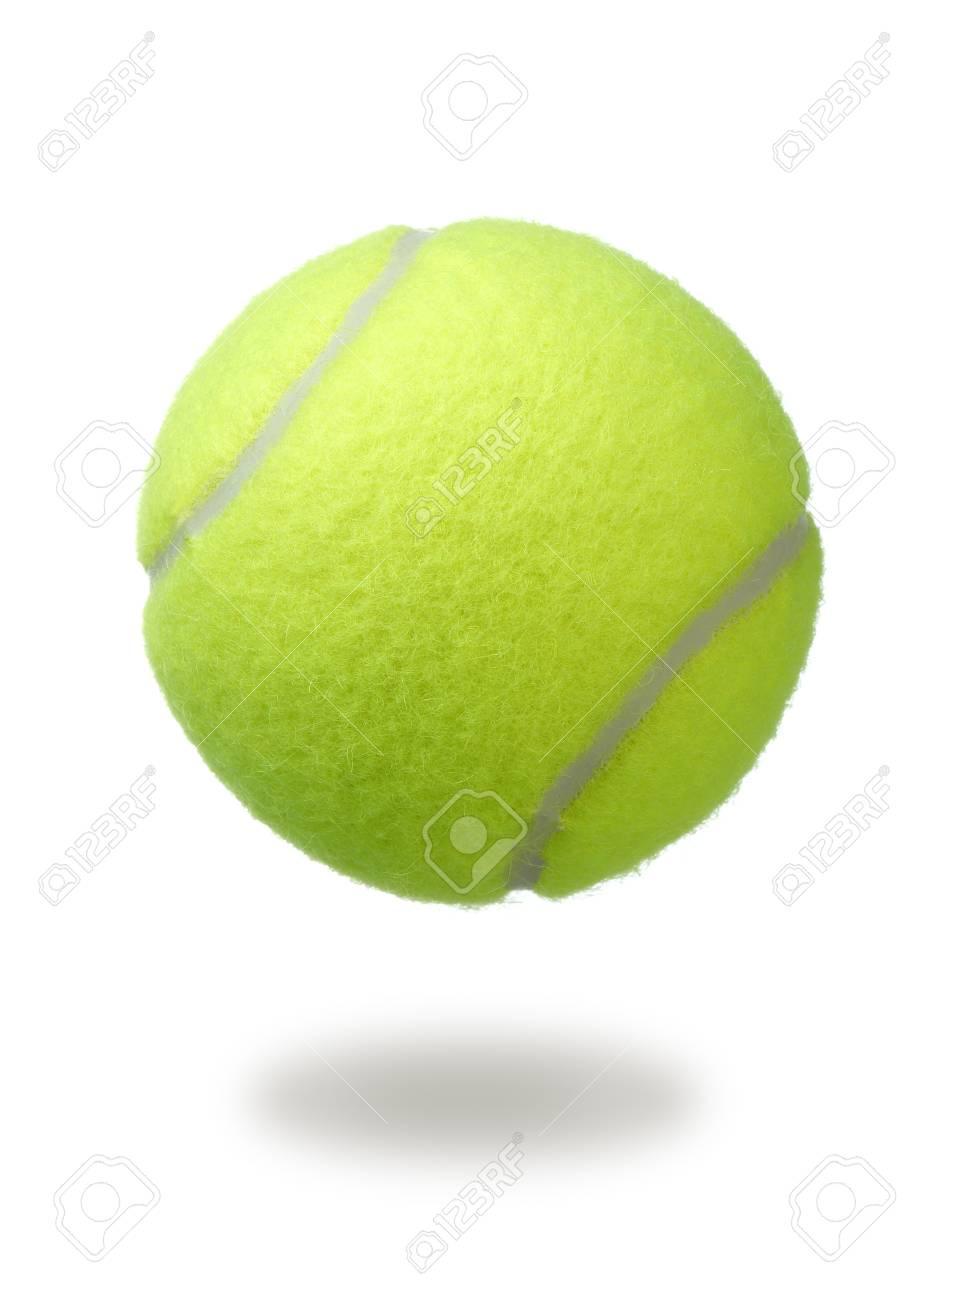 65426d9121b2b Balle de tennis isolée sur fond blanc. balle de tennis de couleur verte.  Banque